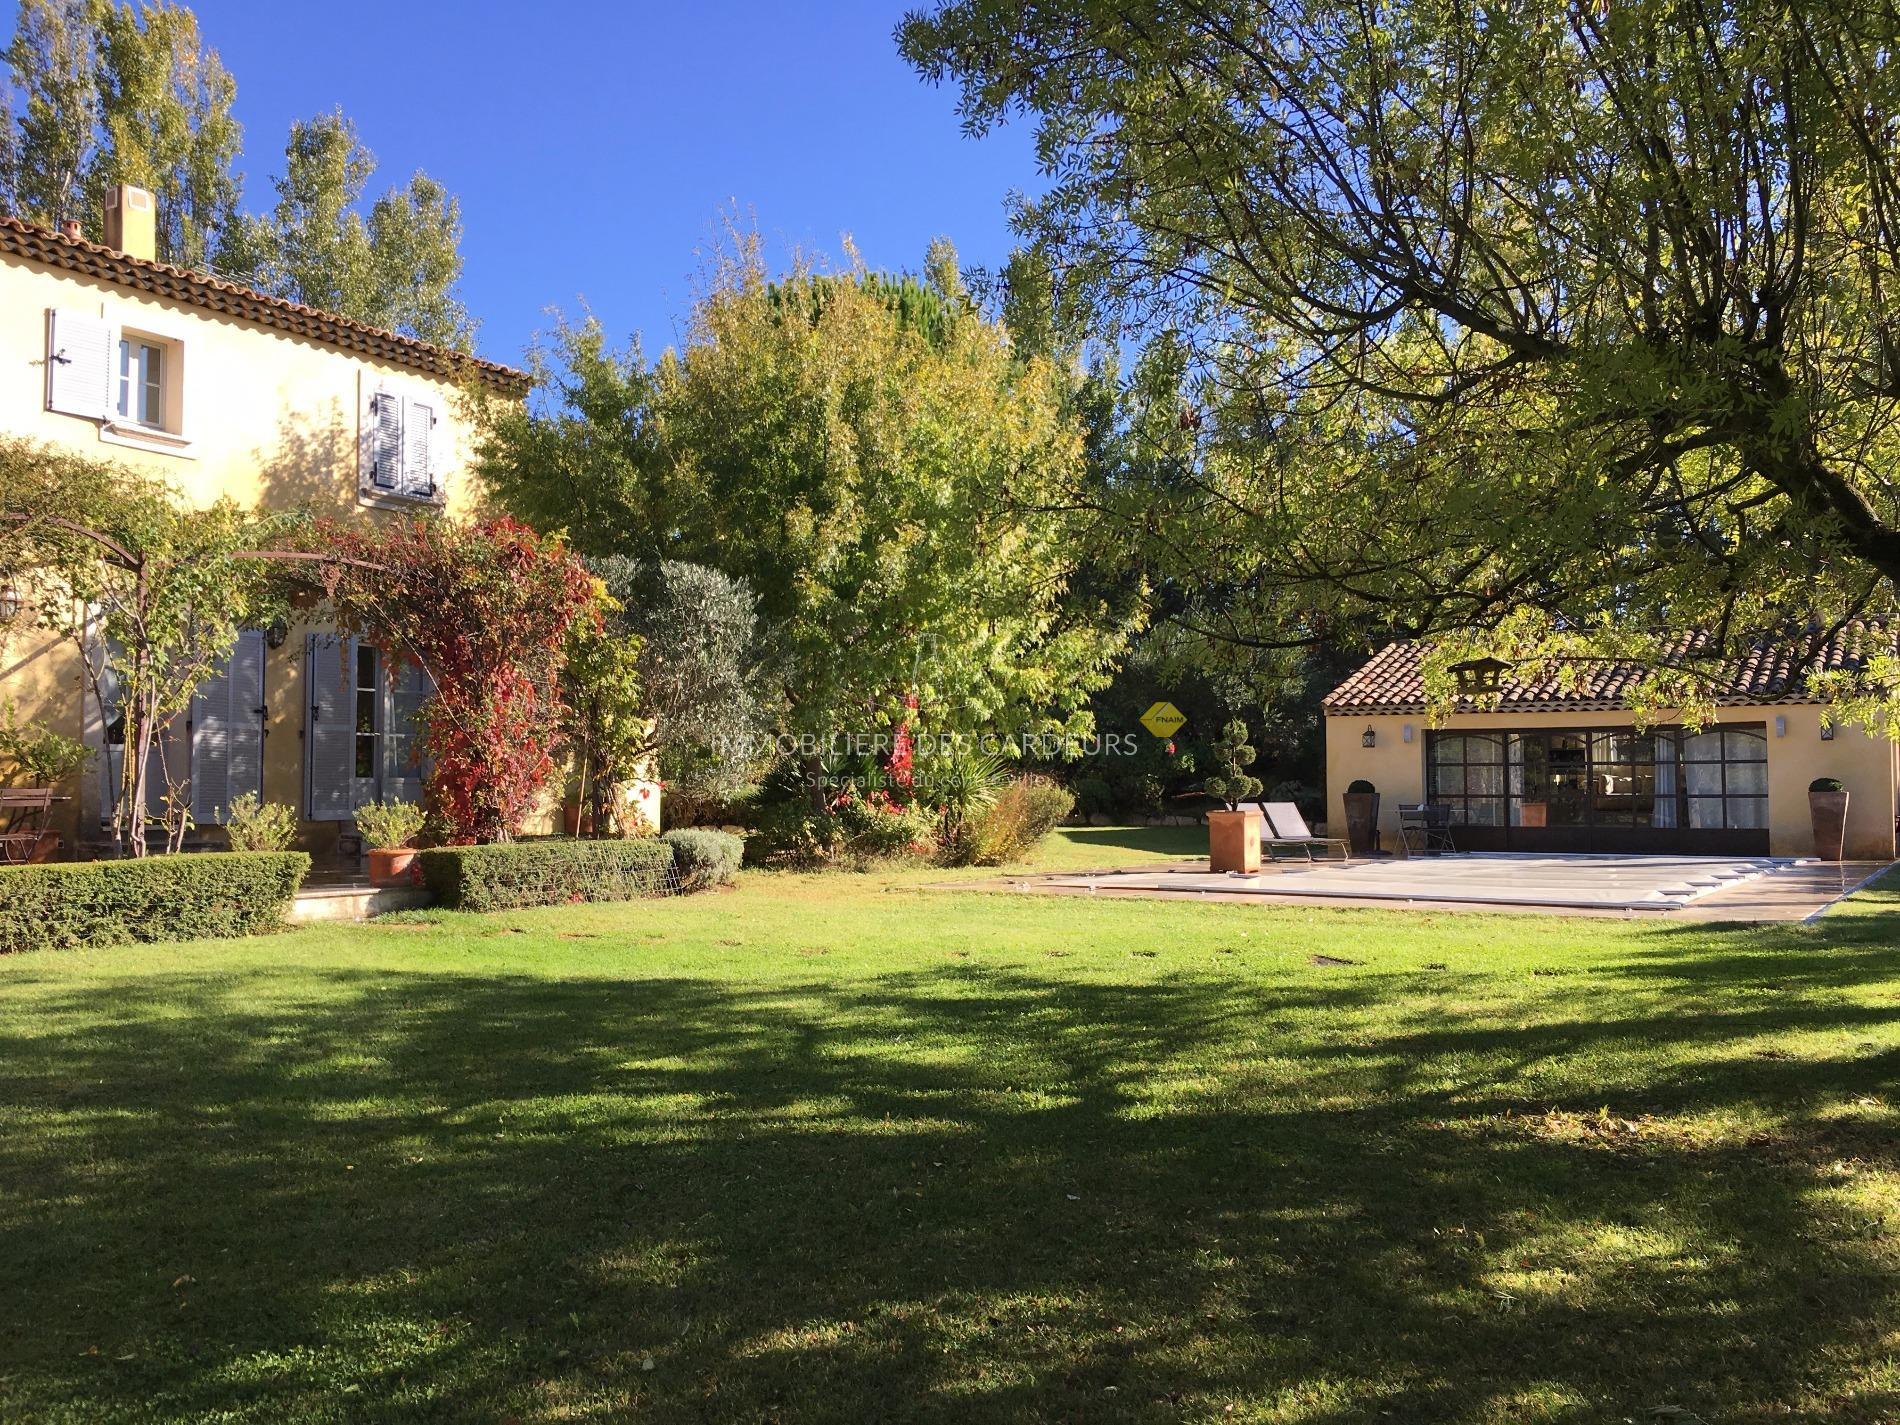 Vente maison et villa avec piscine jardin aix en for Camping a aix en provence avec piscine